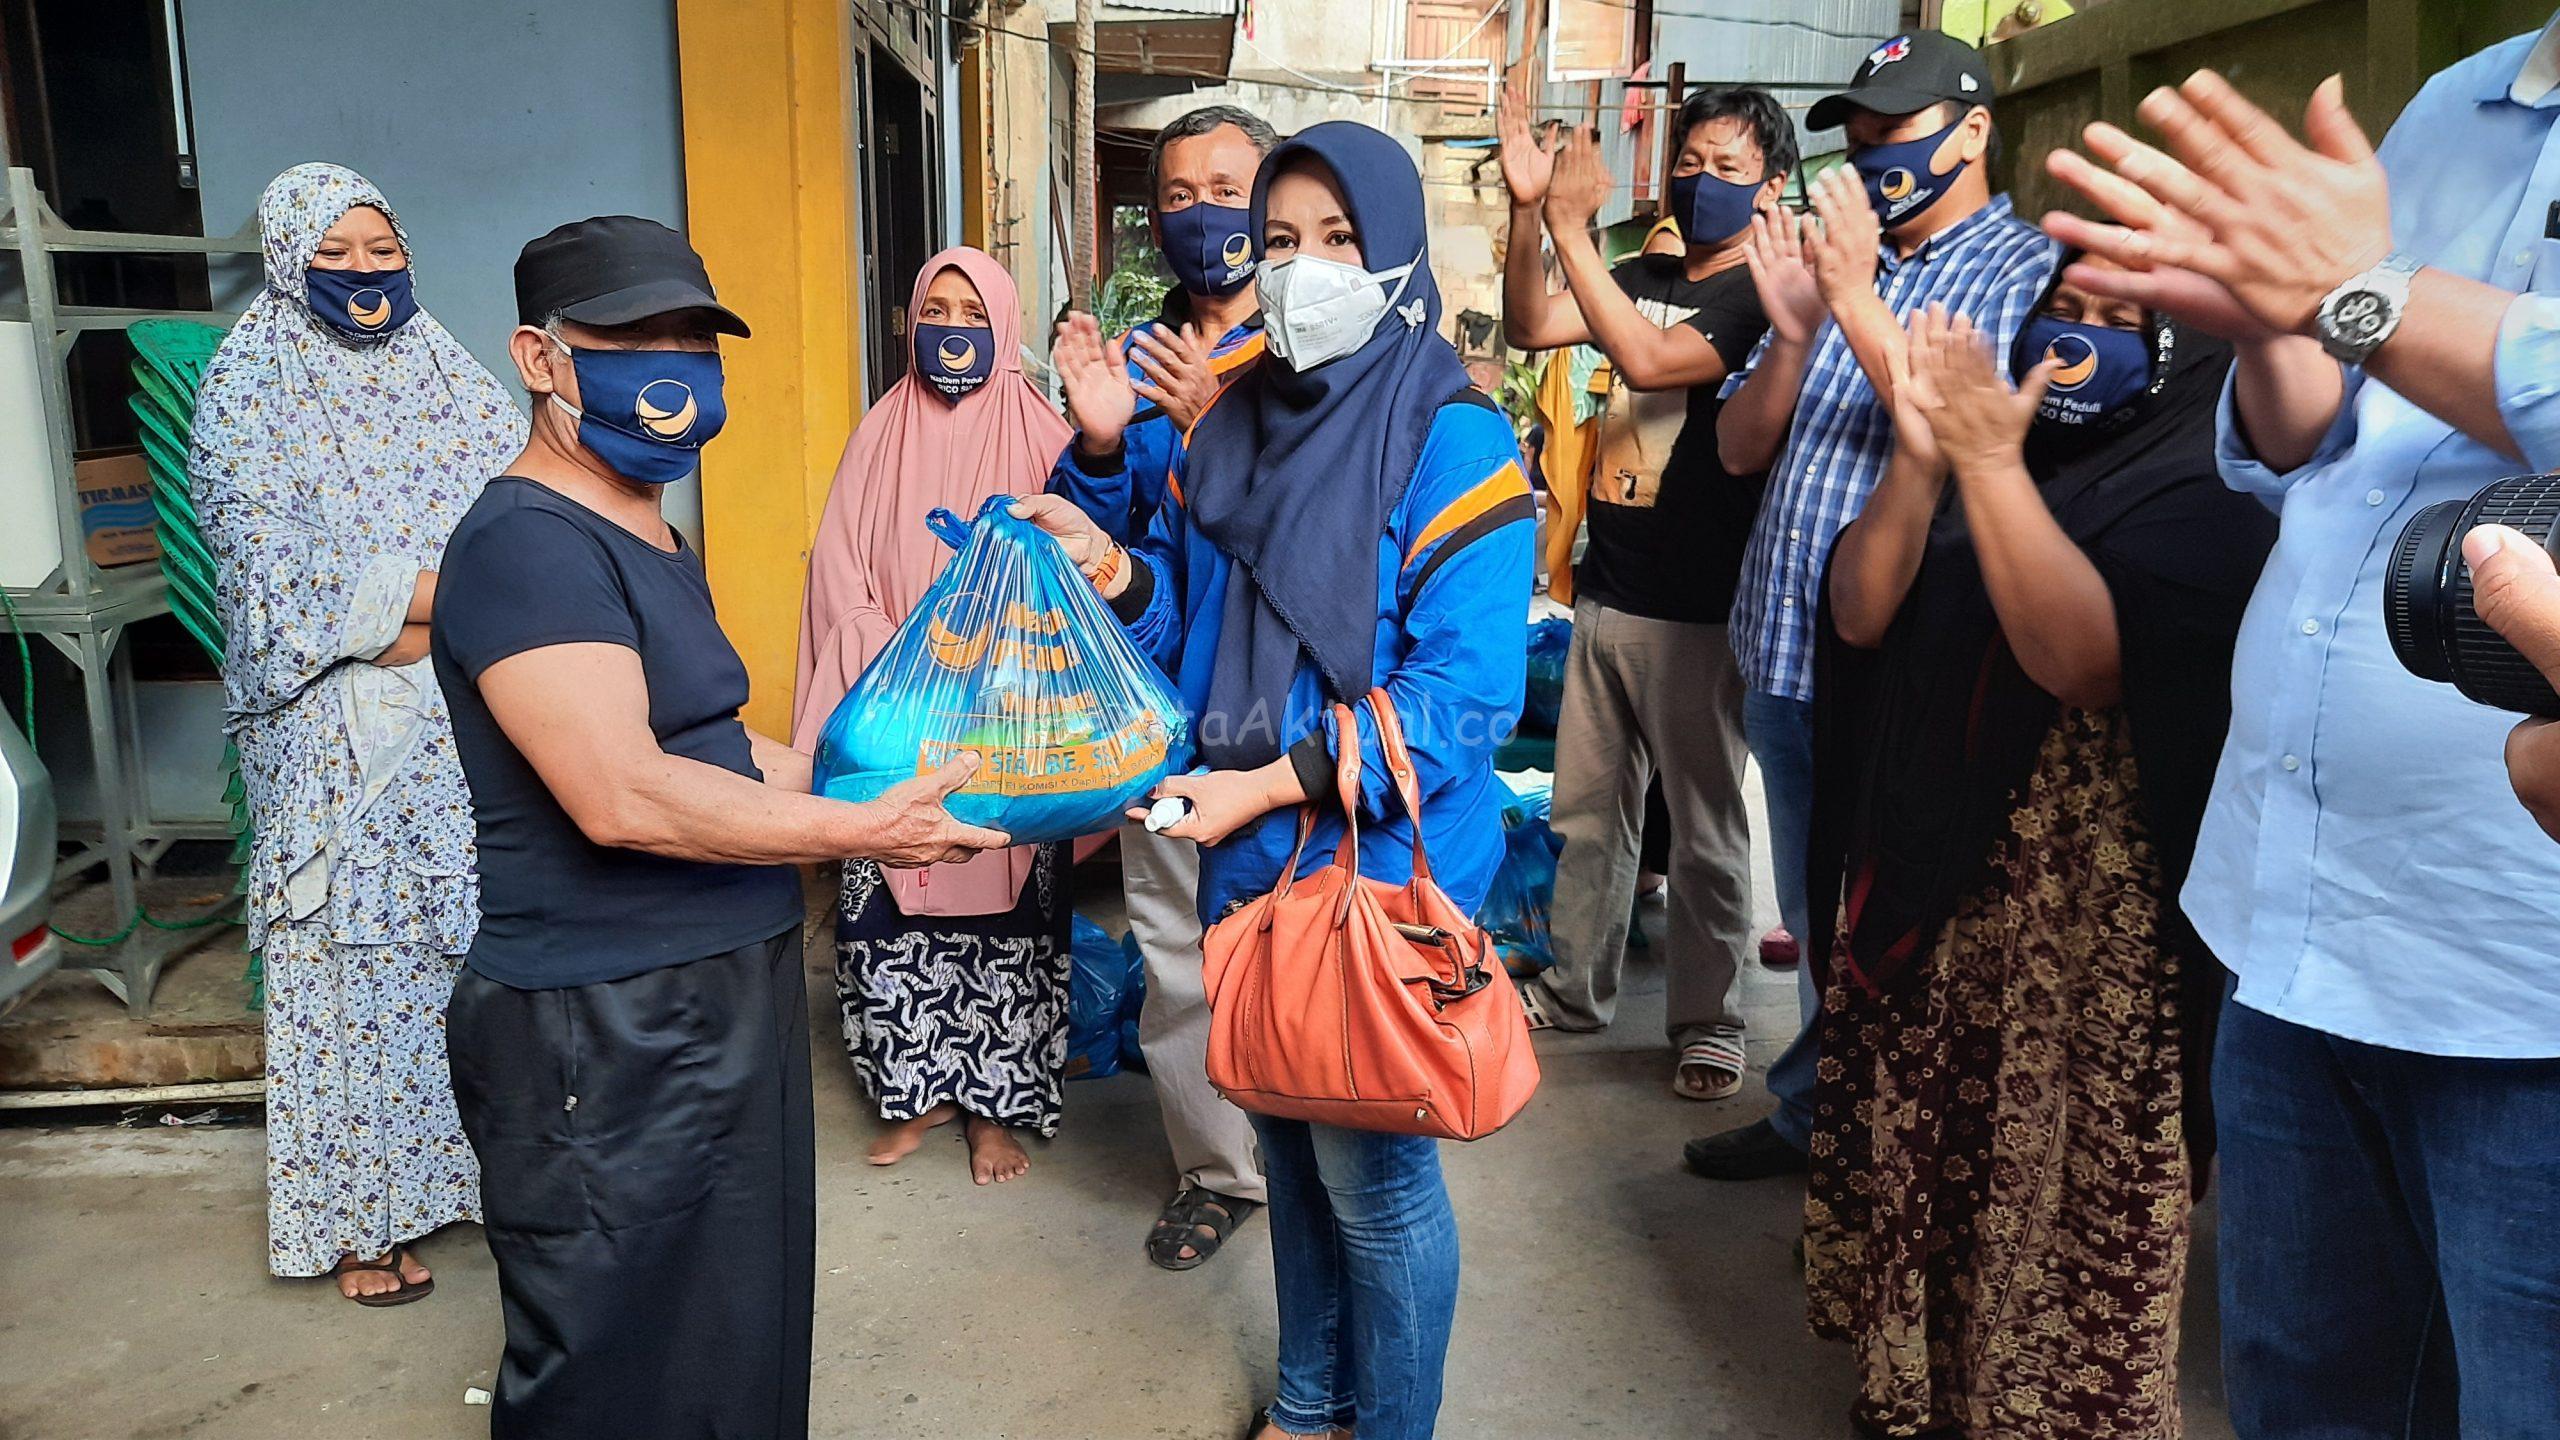 NasDem Peduli Dan Sahabat Rico Sia Salurkan 500 Paket Bama Untuk Warga Pasar Baru Kota Sorong 10 20200515 170546 scaled